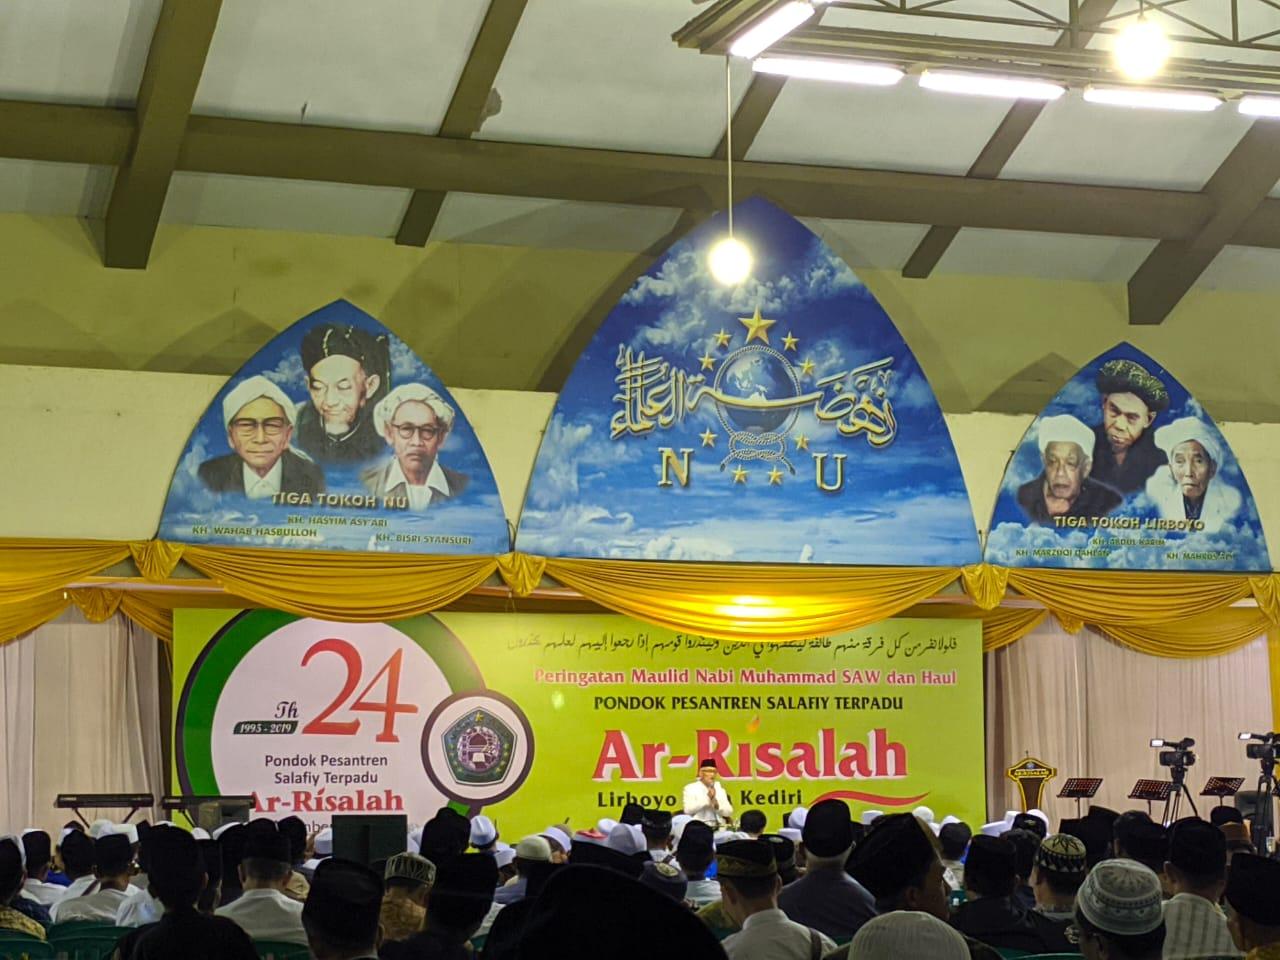 Peringatan Maulid Nabi Muhammad Saw dan Haul Pon. Pes Salafiy Terpadu Ar-Risalah